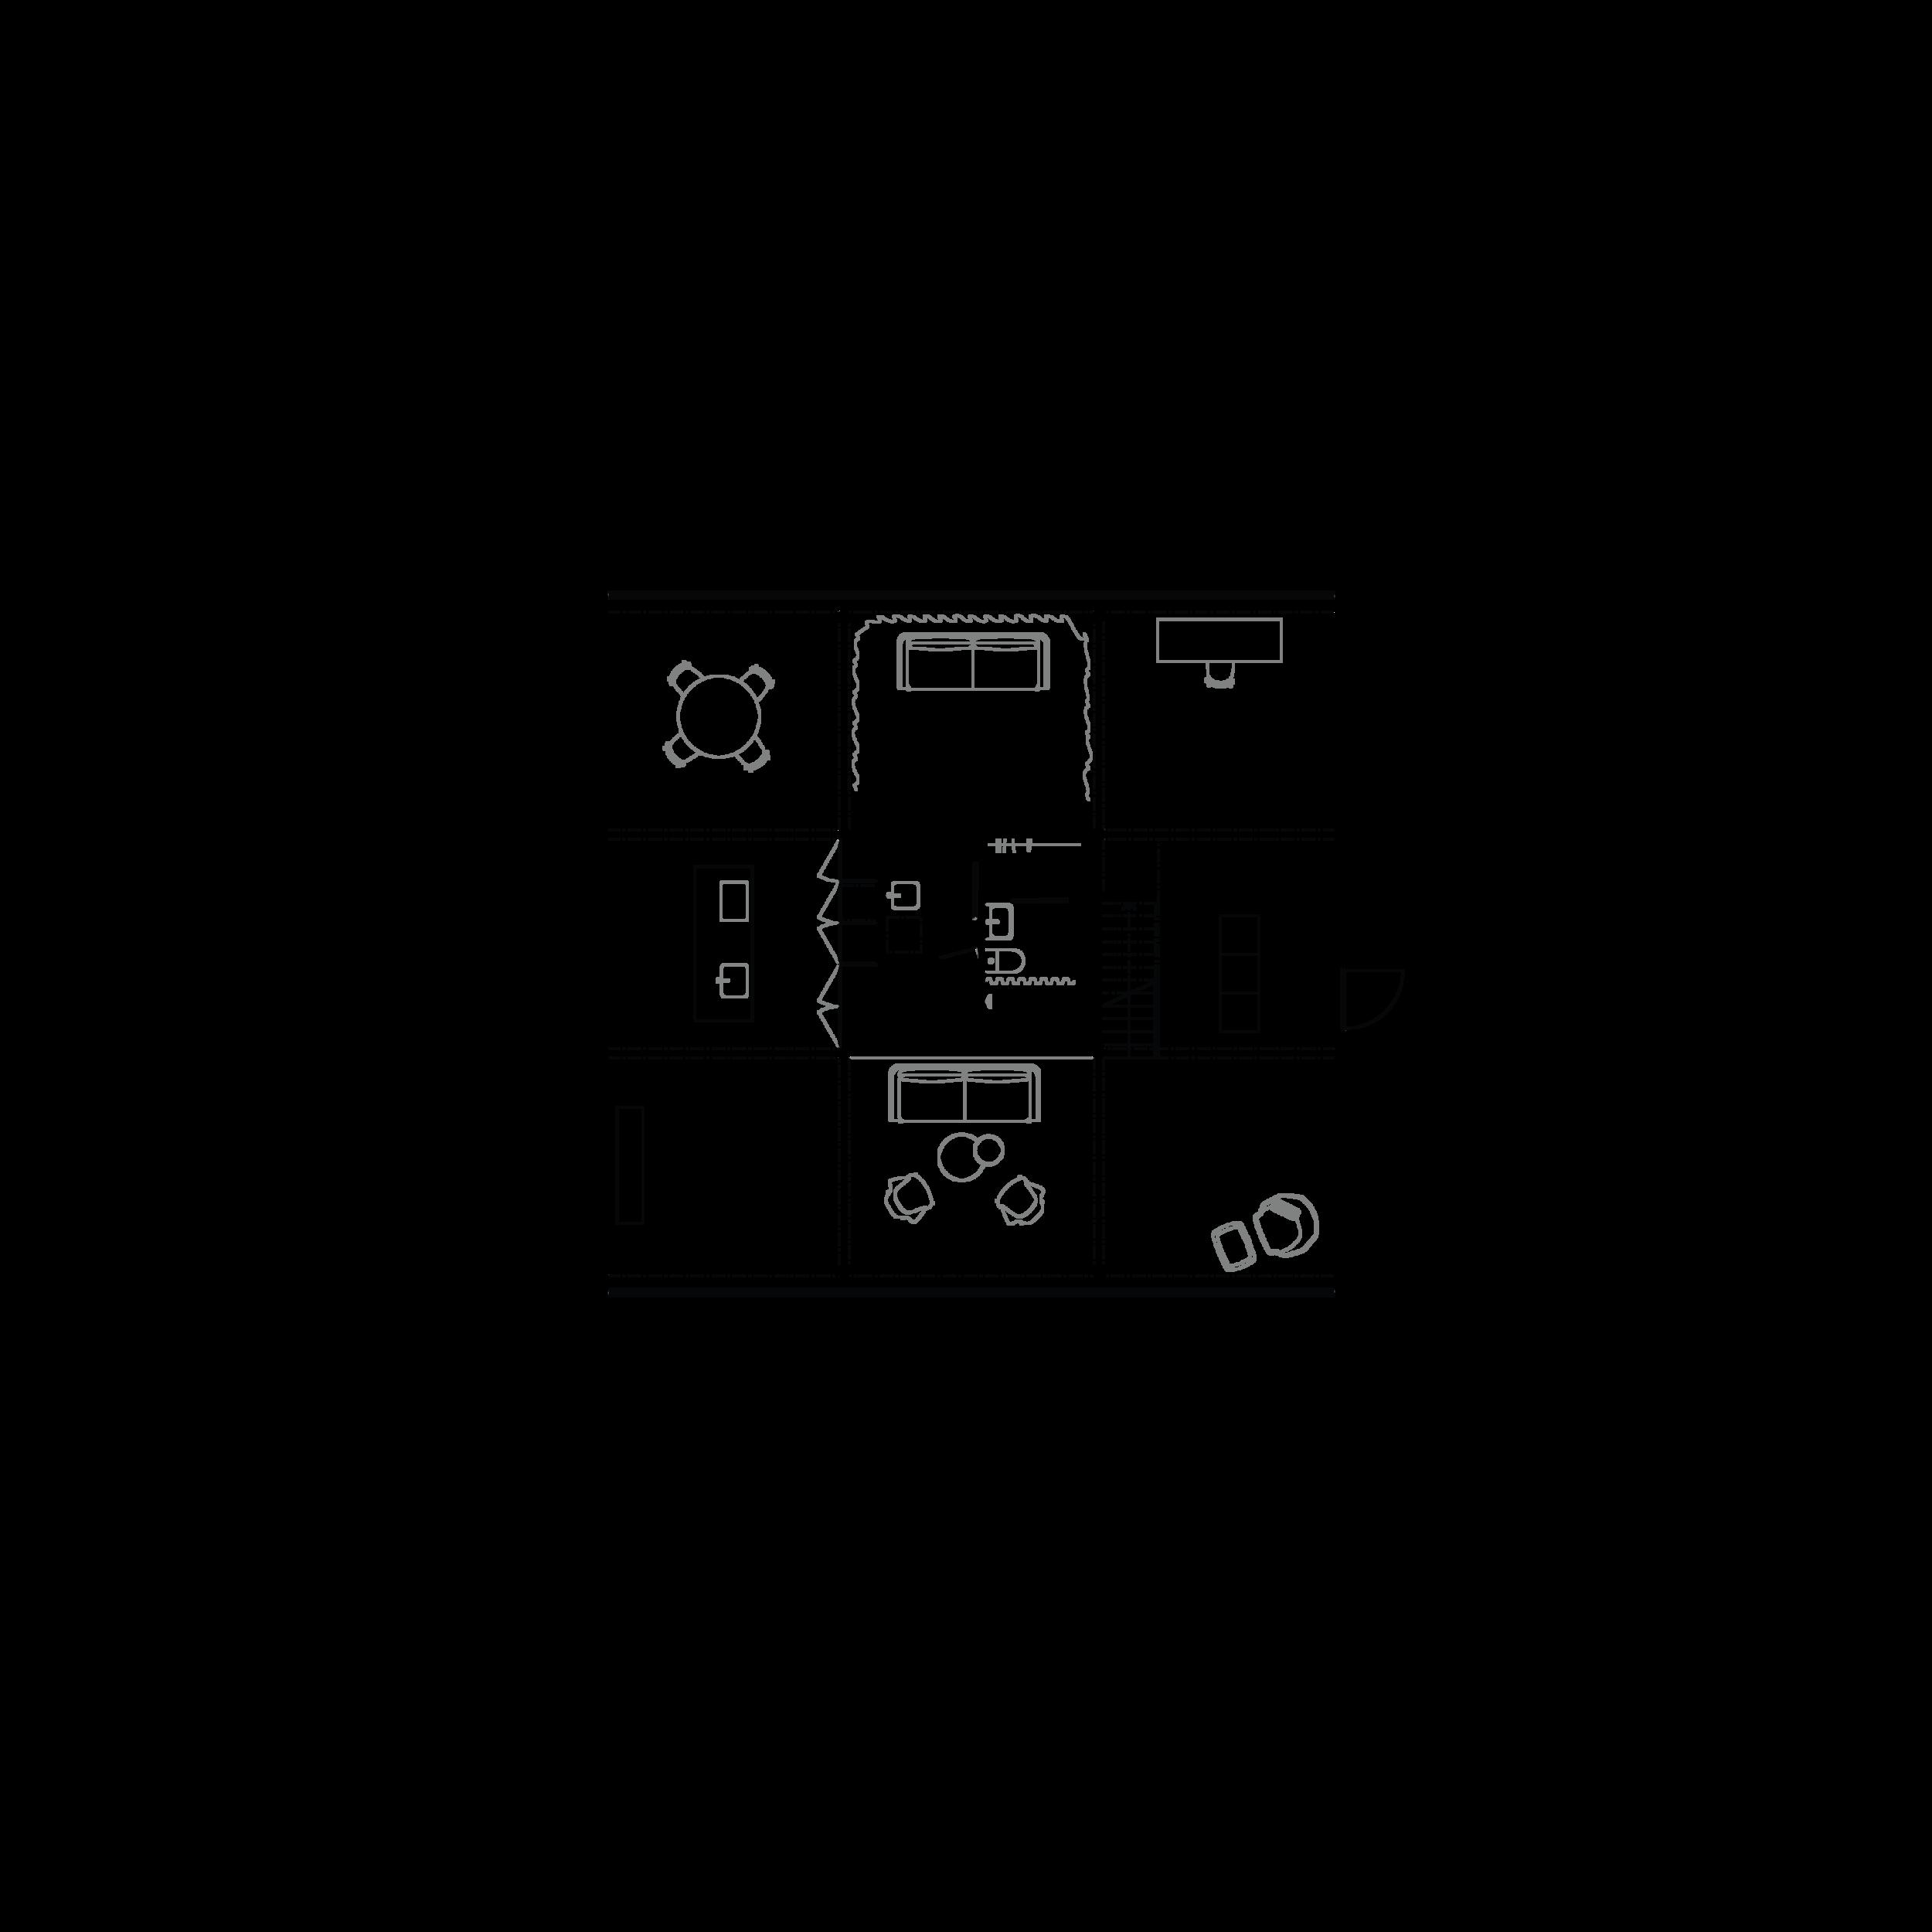 F012_WEB 6x.png